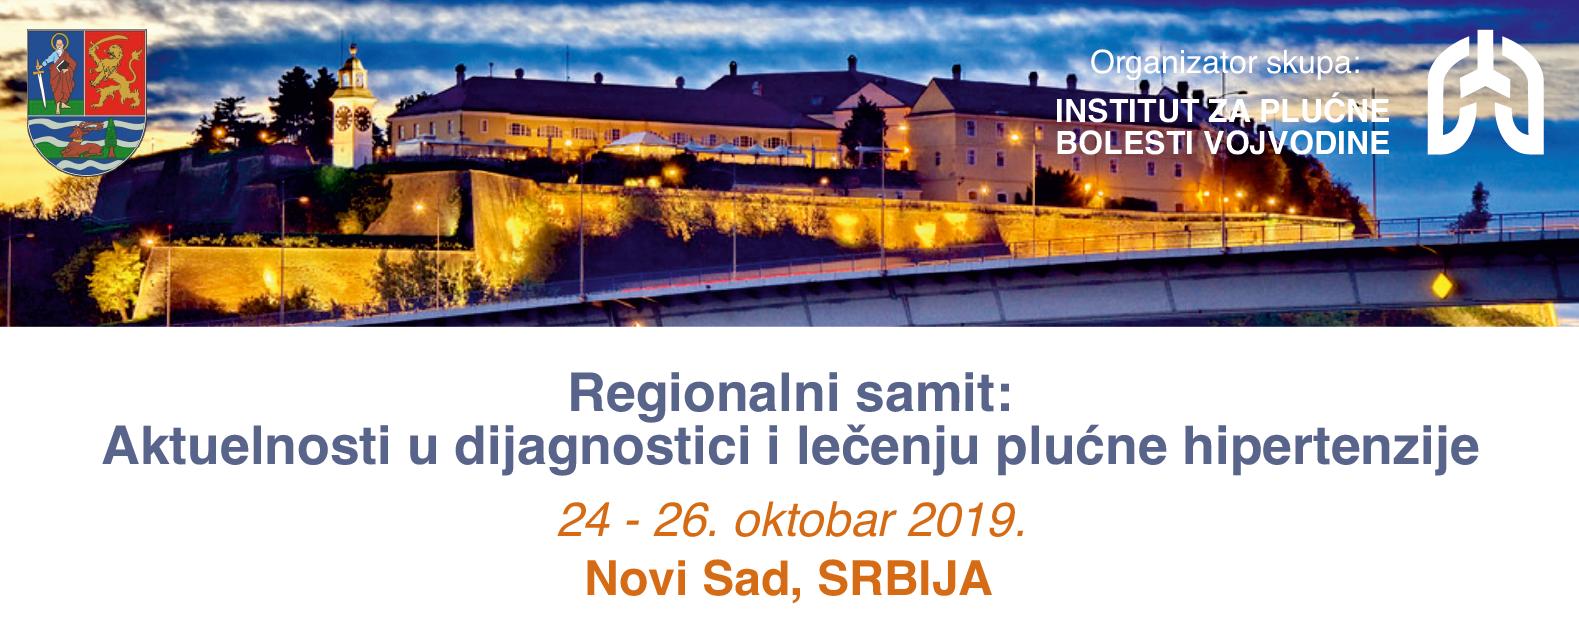 Regionalni samit: Aktuelnosti u dijagnostici i lečenju plućne hipertenzije, Oktobar – 2019